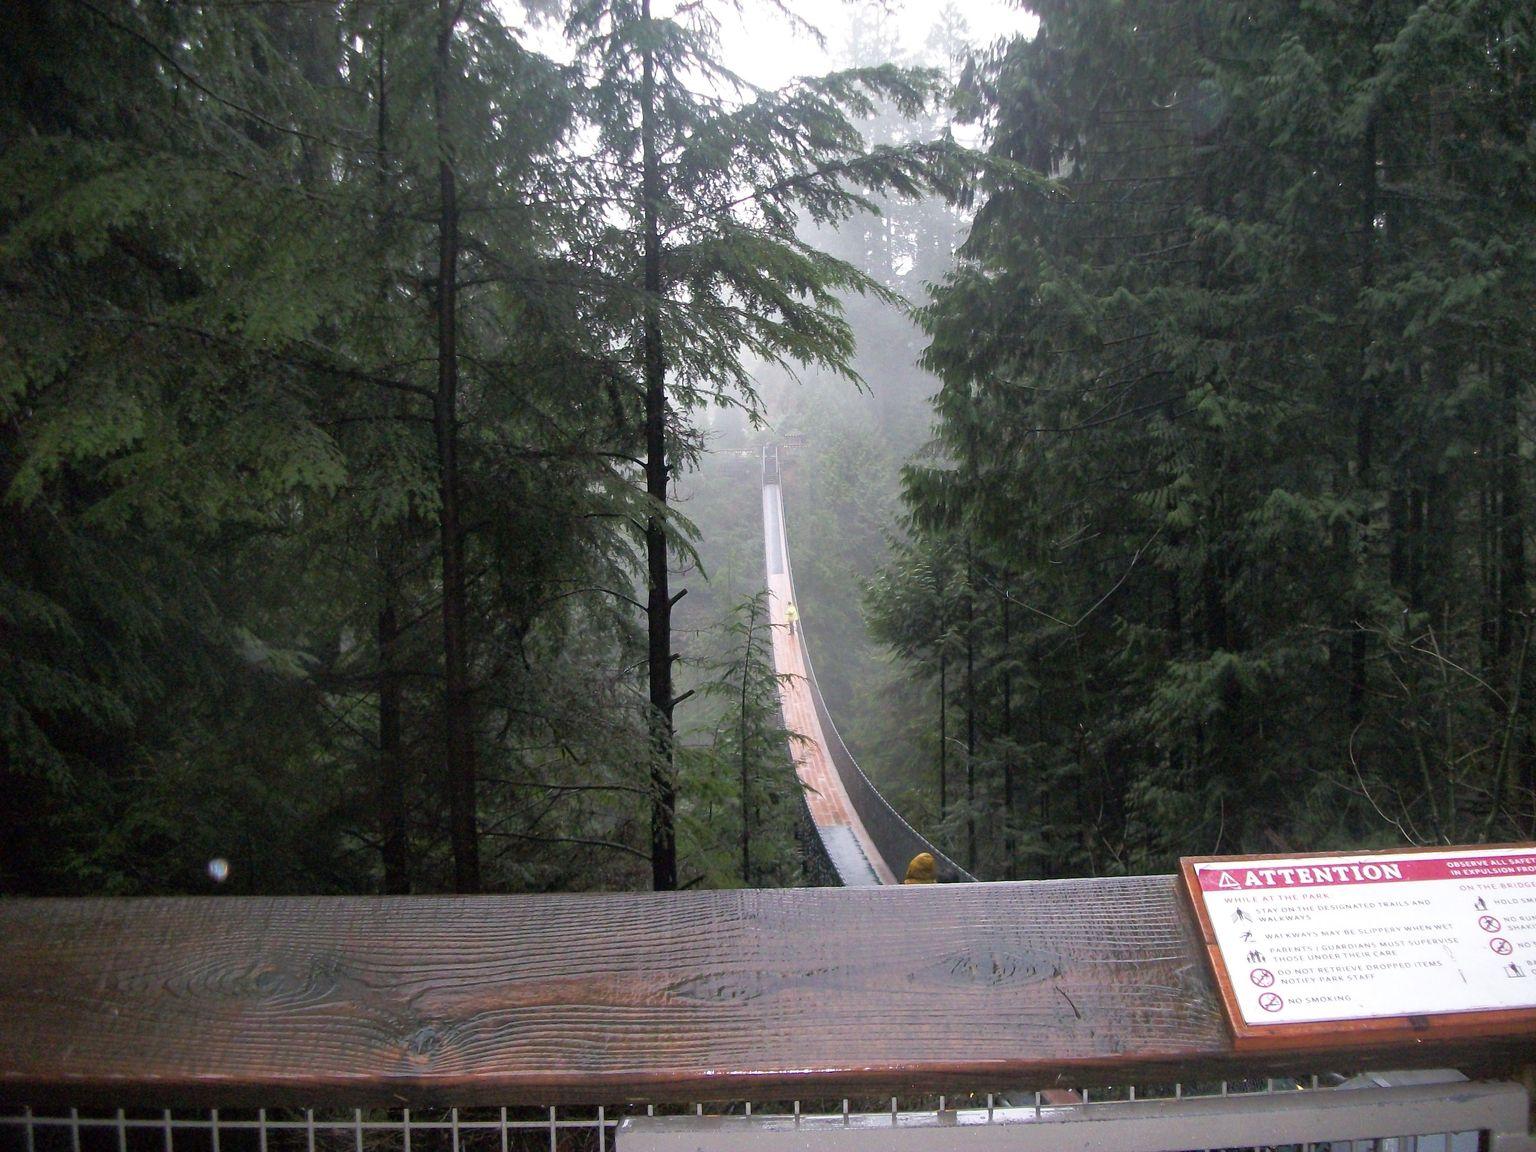 MÁS FOTOS, Recorrido por Vancouver con el puente colgante de Capilano